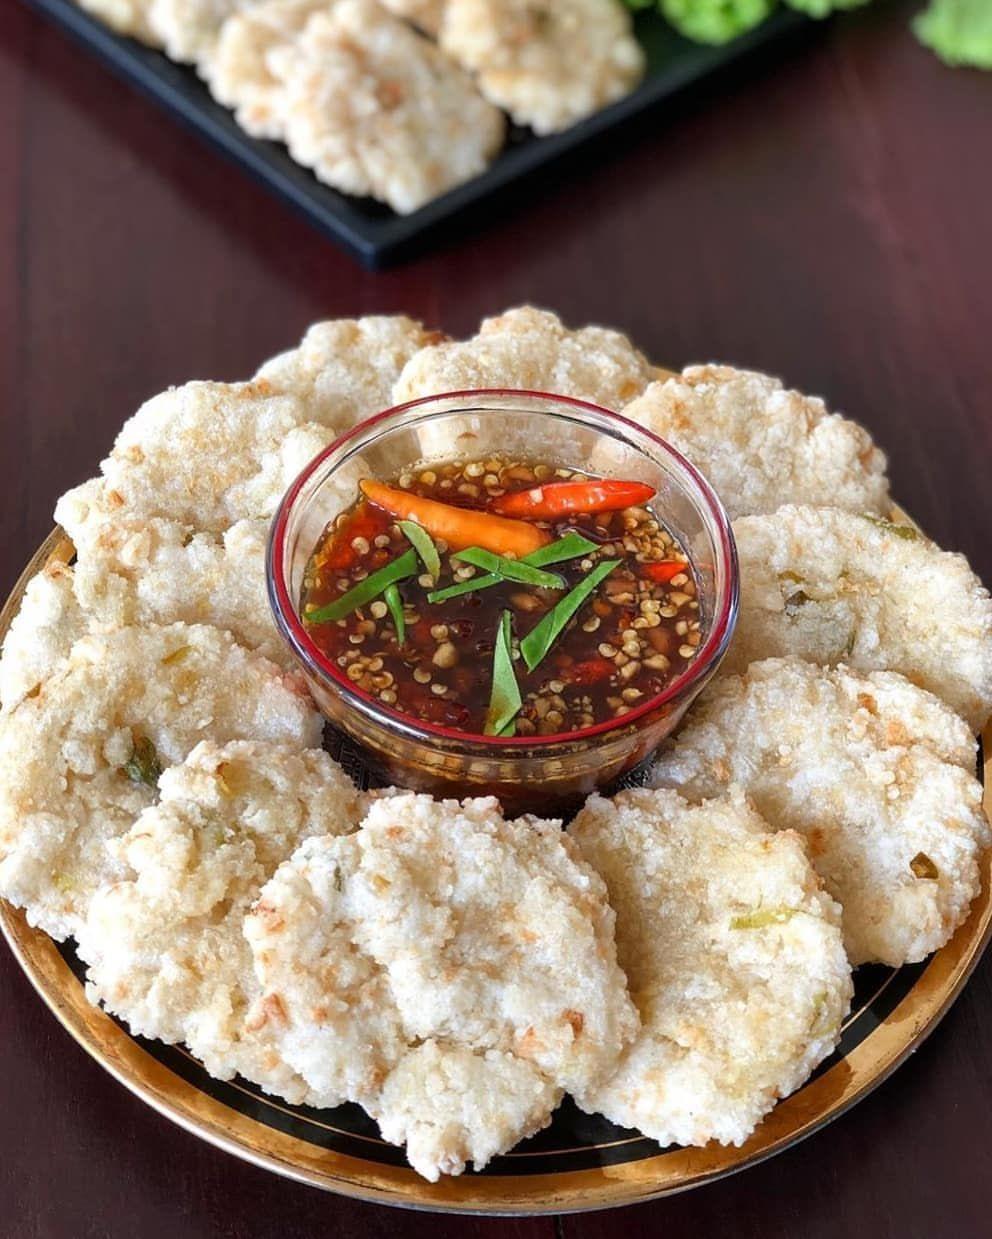 Resep Camilan Goreng Instagram Resep Makanan Makanan Resep